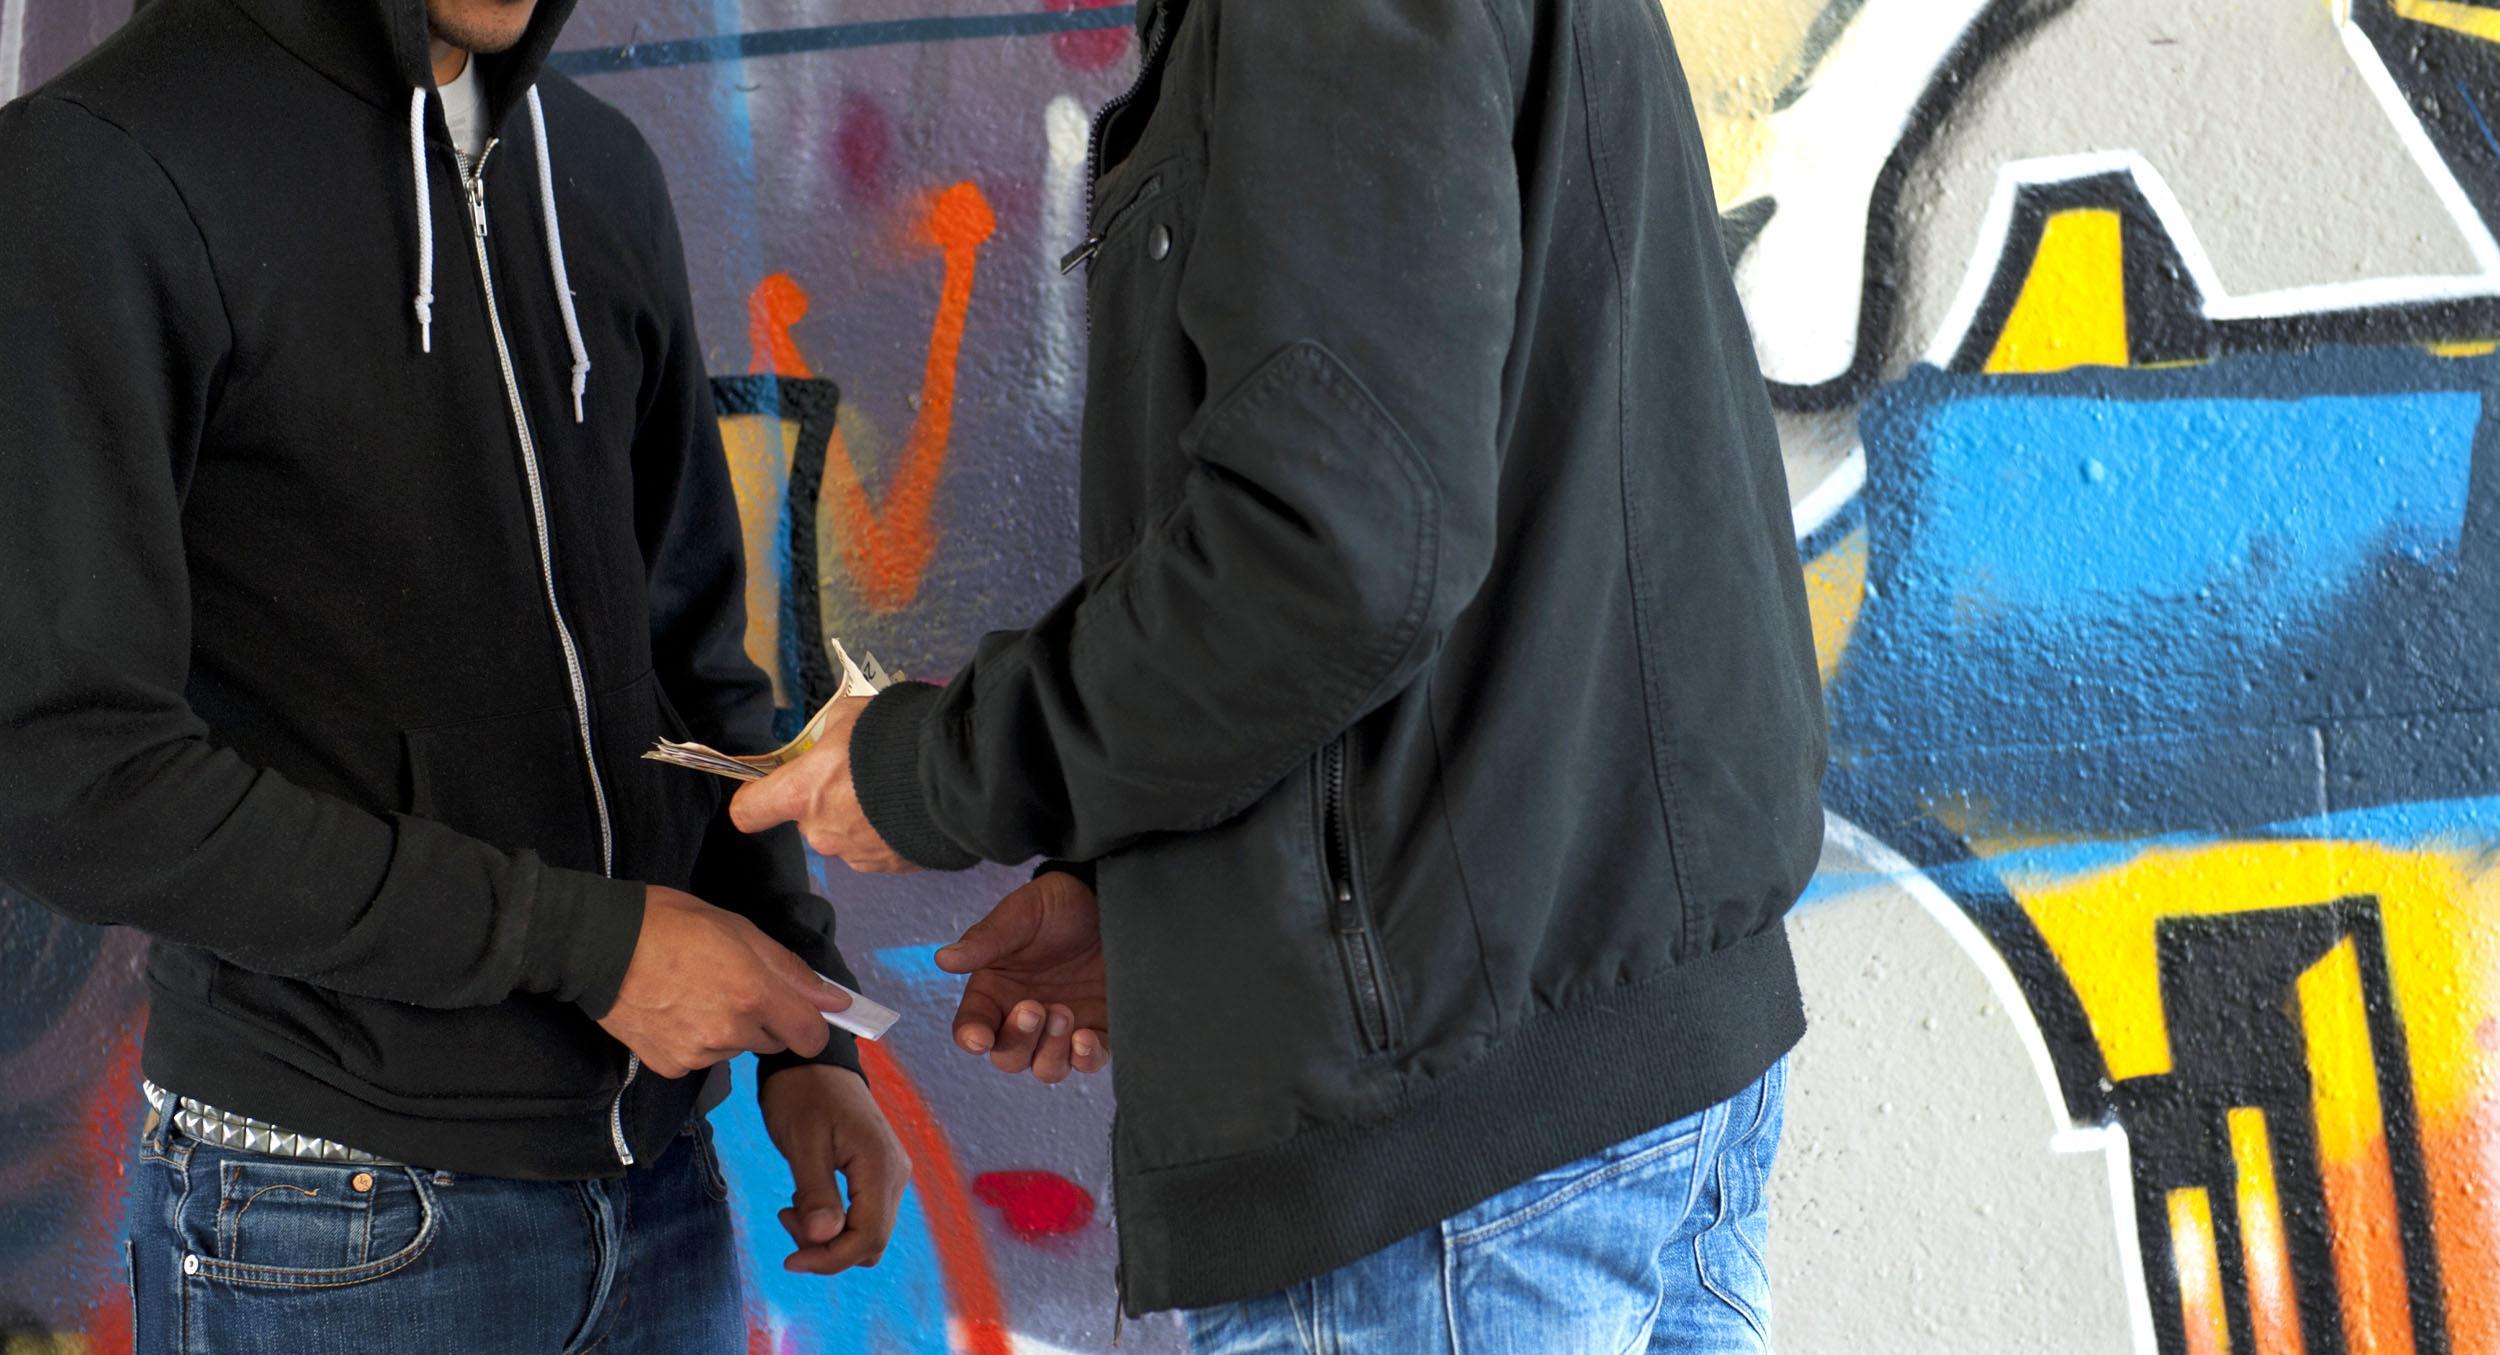 Verdachten voor de rechter voor drugs dealen in Kaag en Braassem